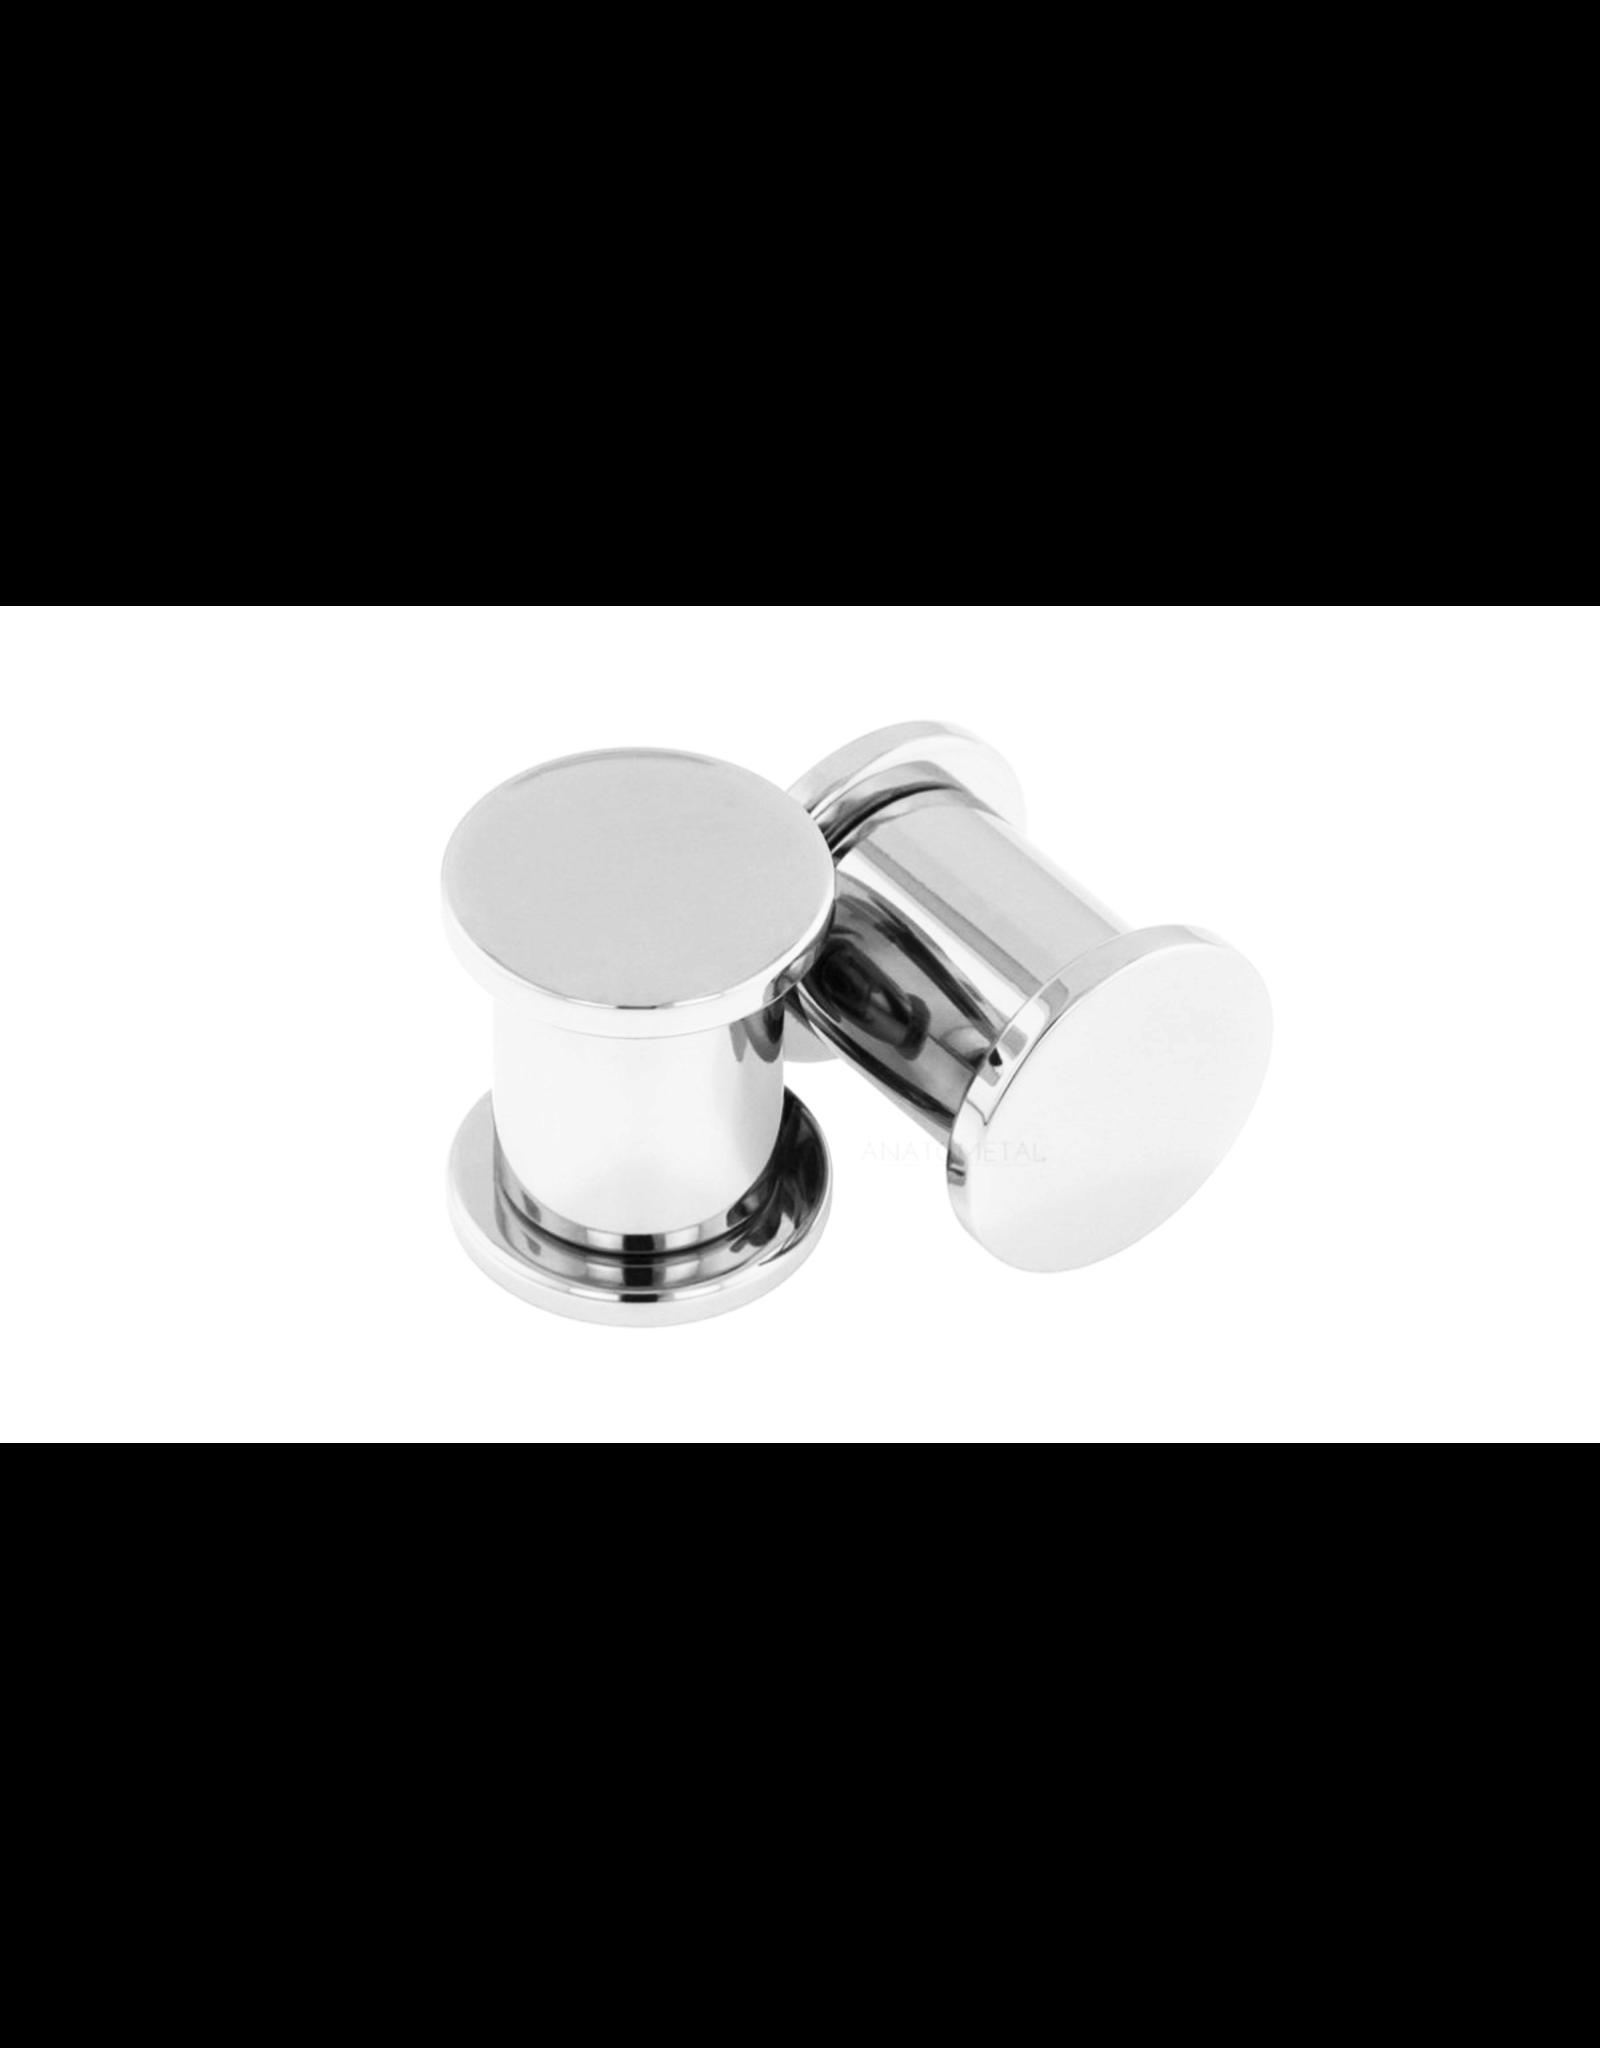 Anatometal titanium threaded plug